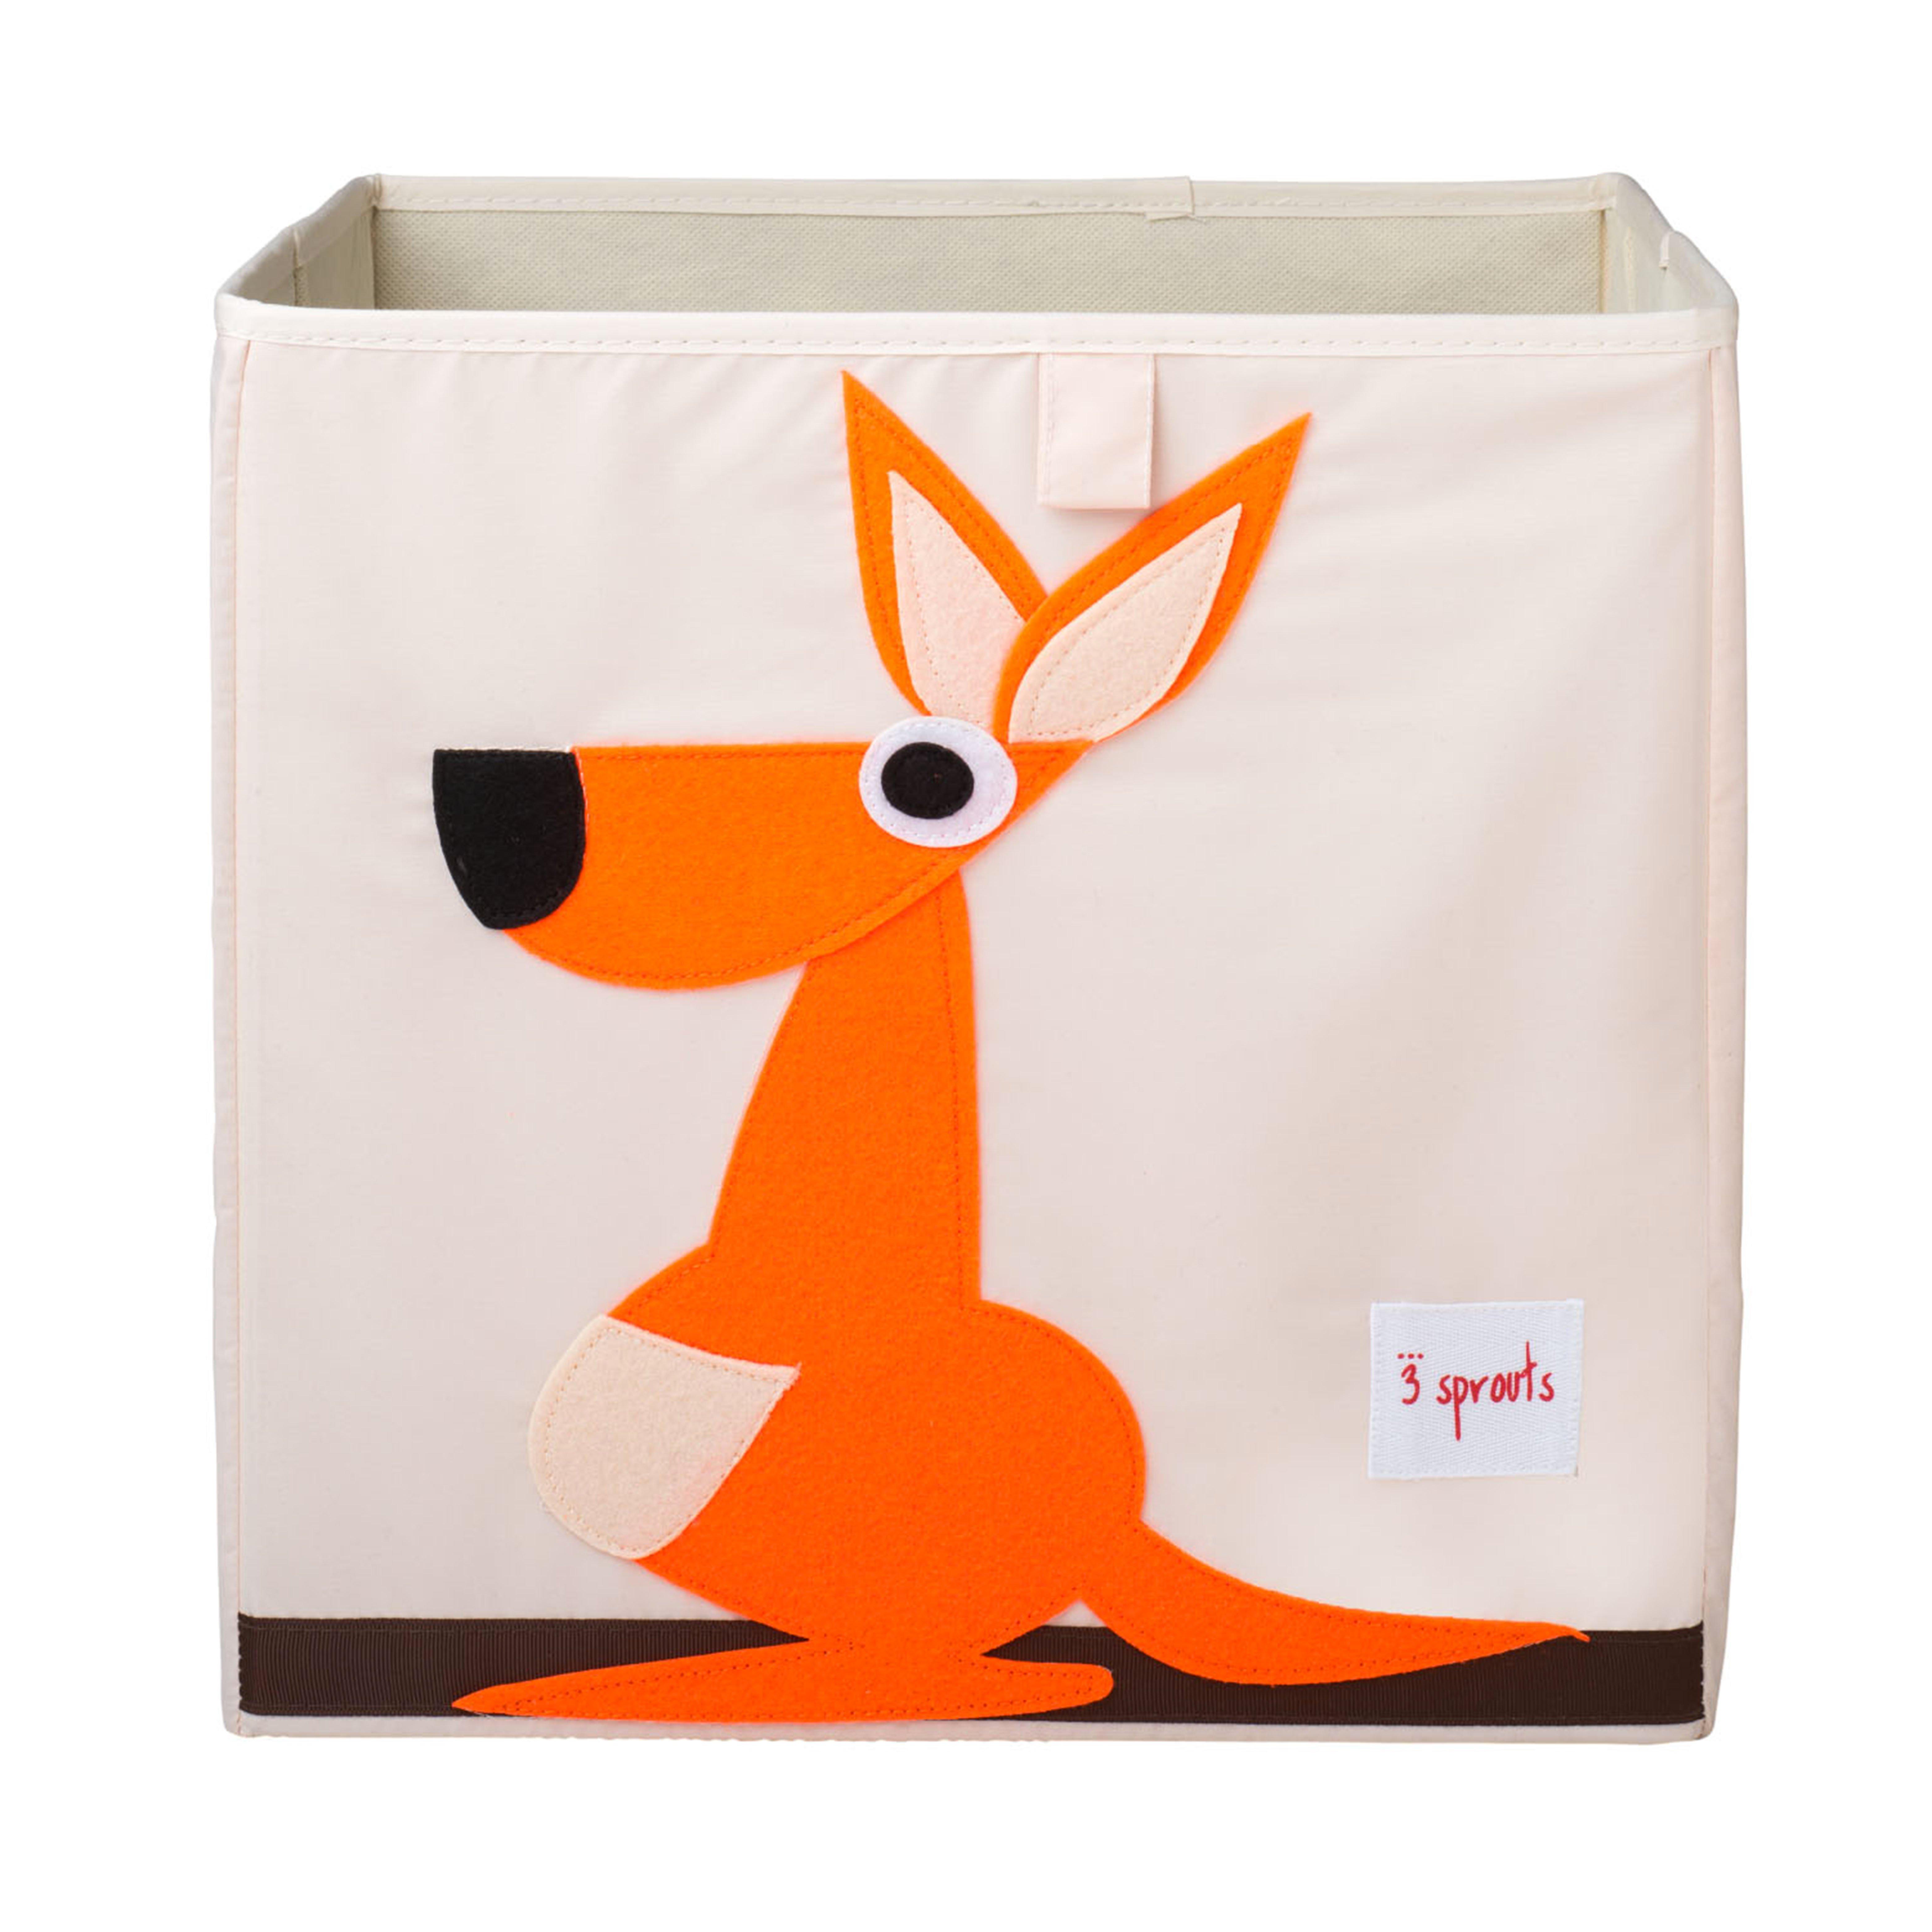 3 Sprouts - Storage Box - Orange Kangaroo